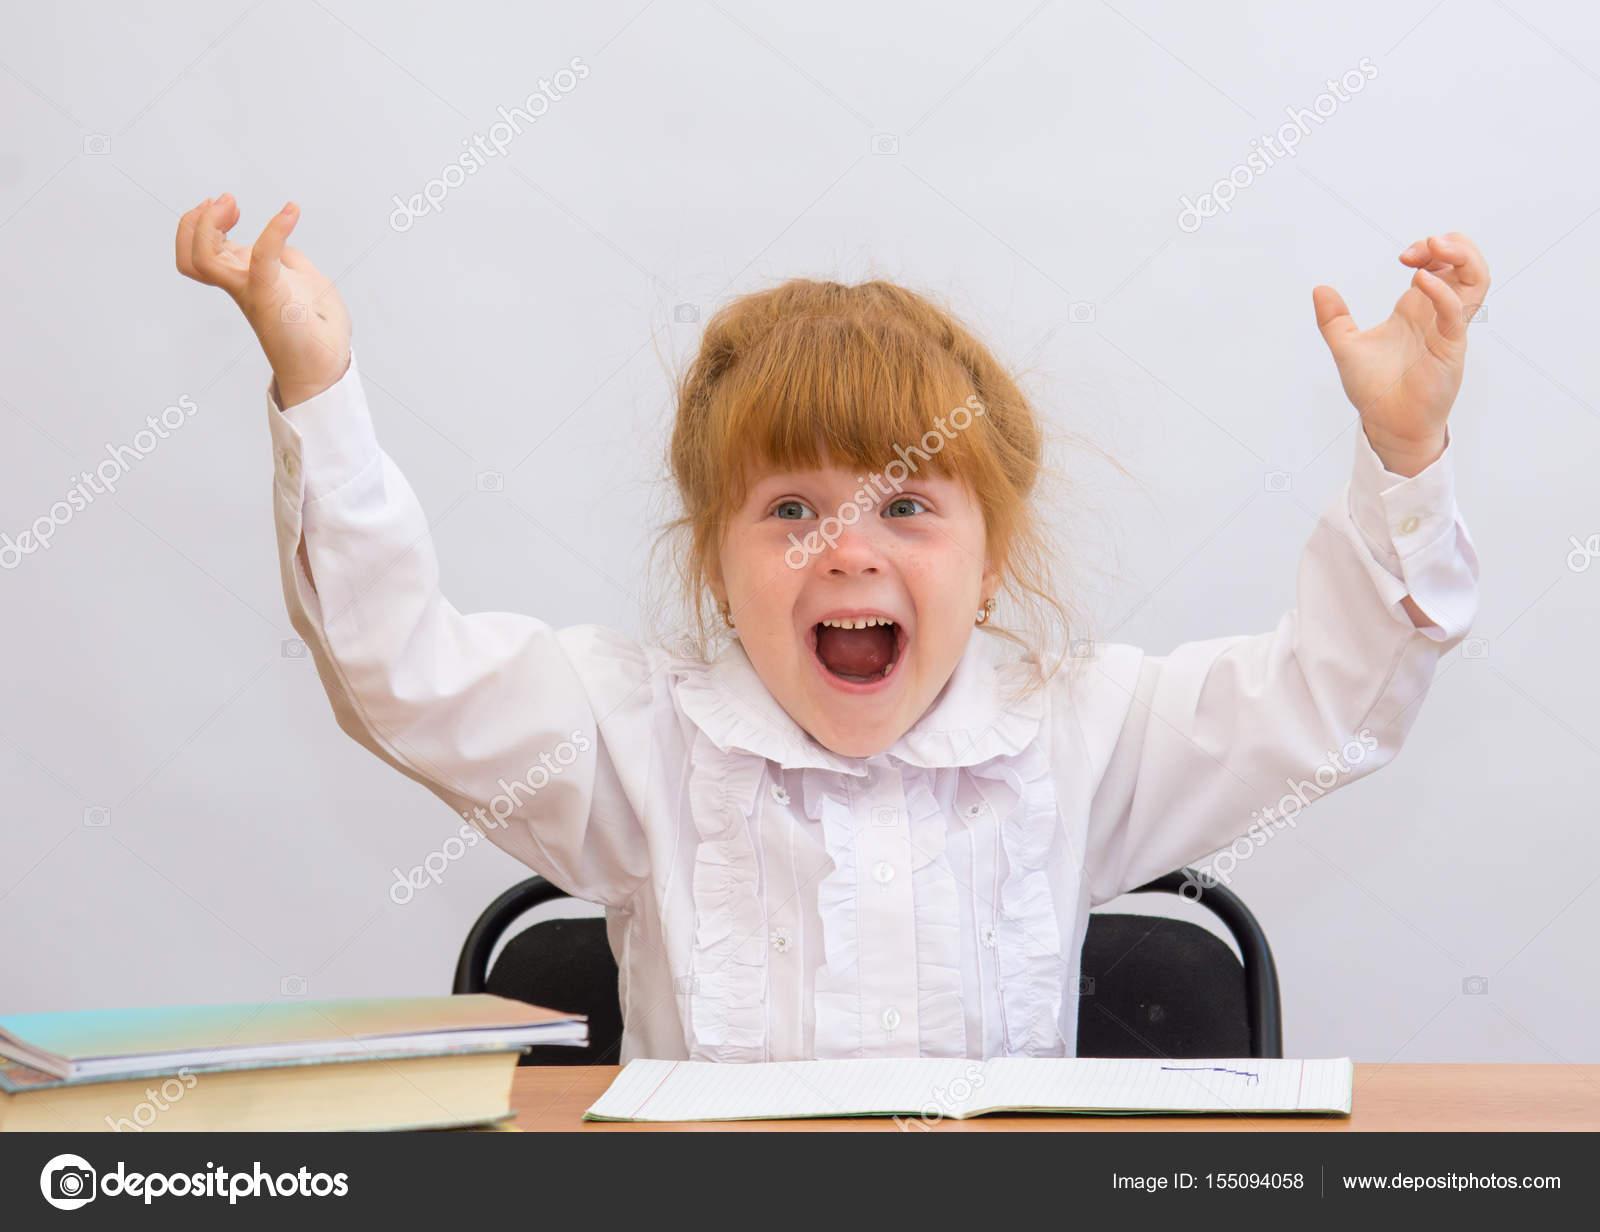 Маленькая девочка на стол весело кричит, руки вверх — стоковое.